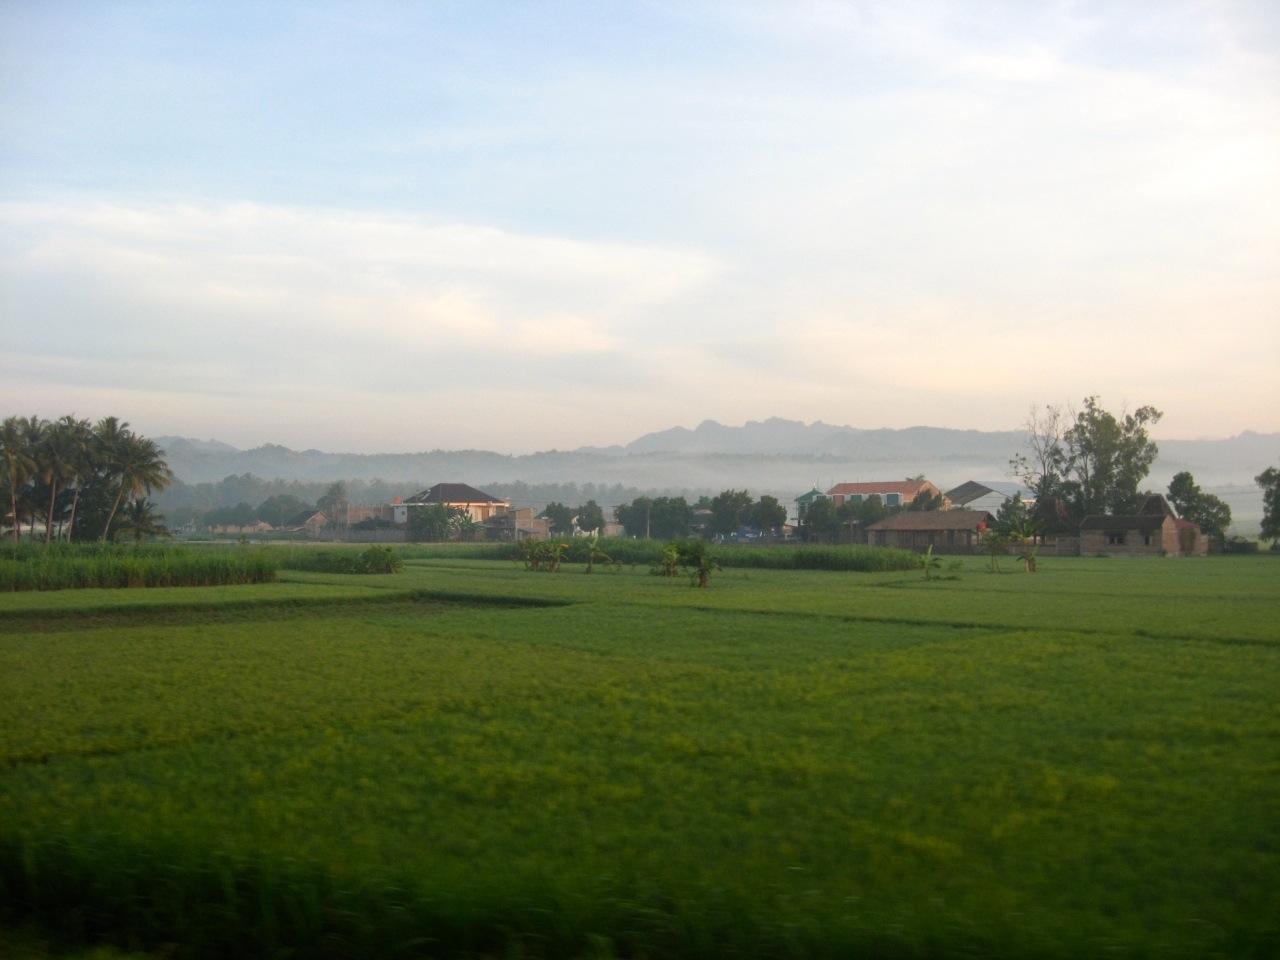 Paisagem do interior rural da ilha de Java